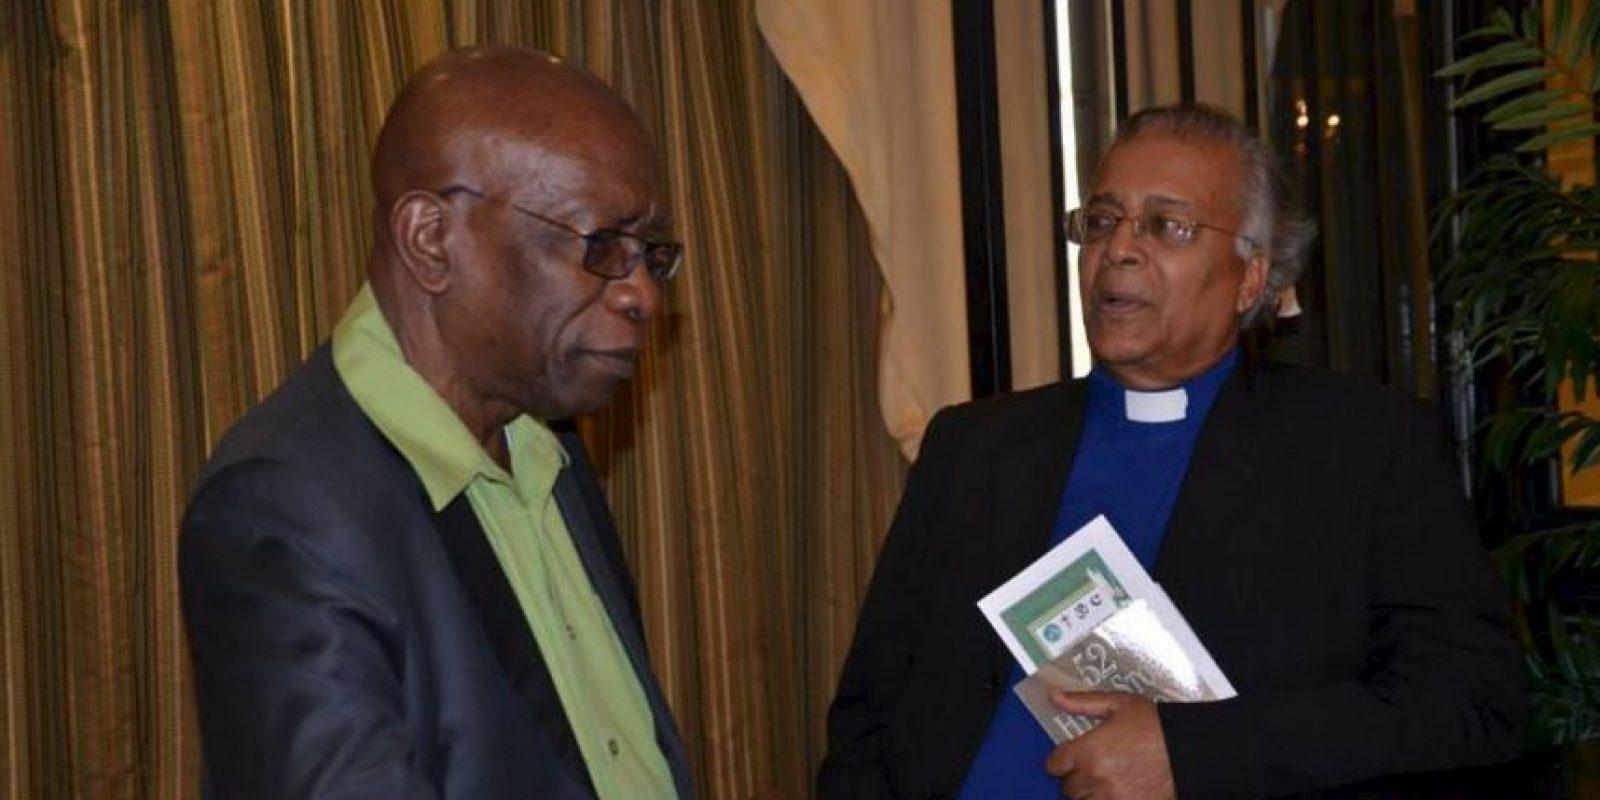 Tiene 72 años Foto:Facebook: Jack Warner (Official Page)